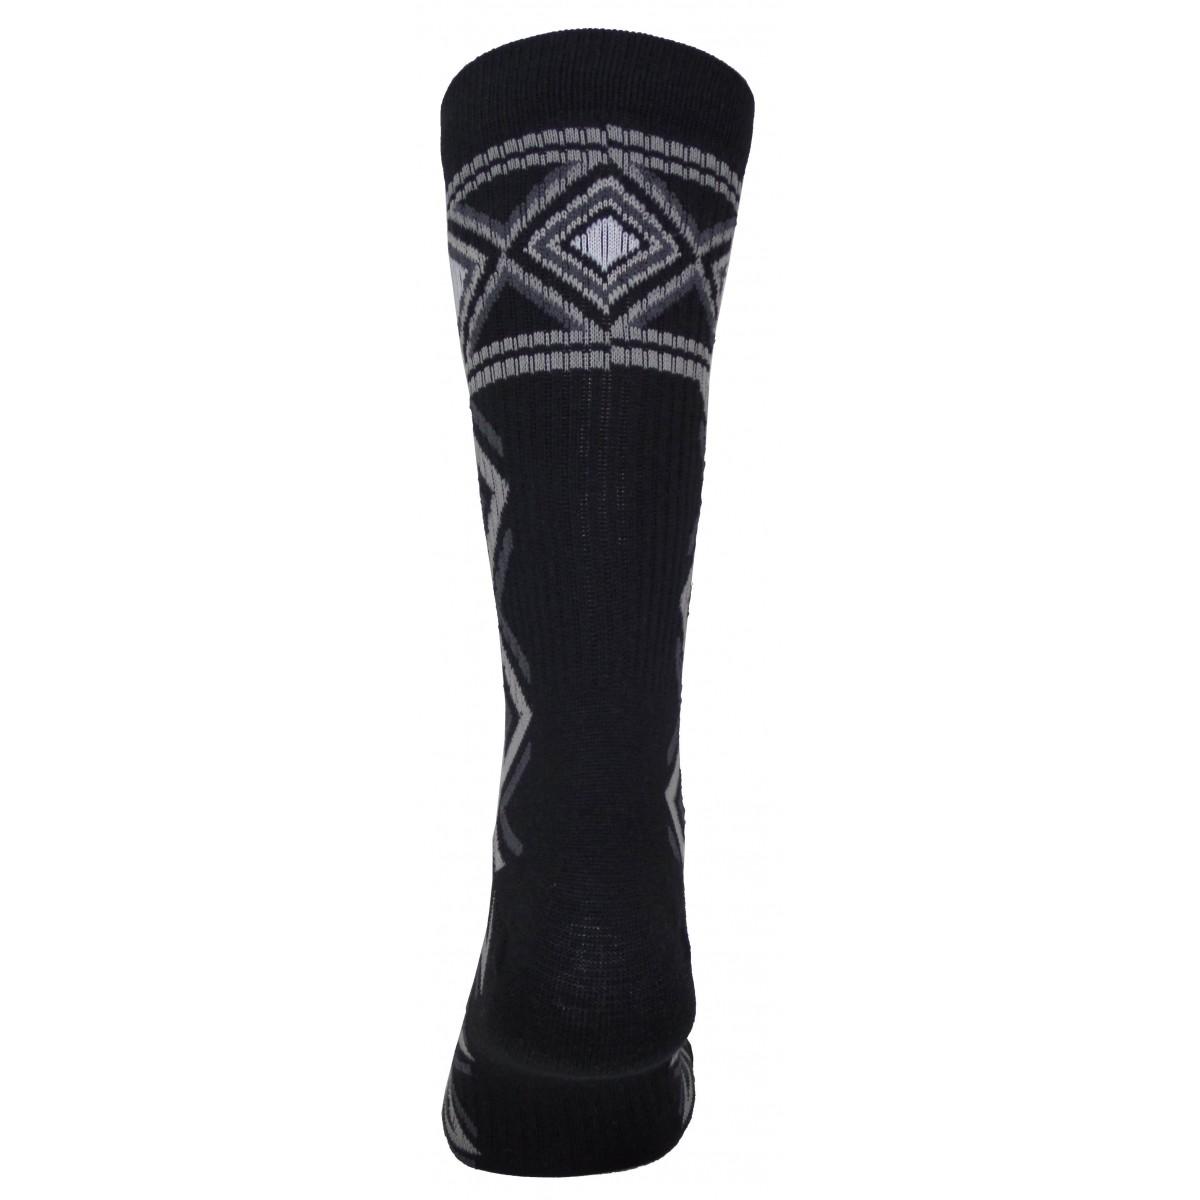 Par de meia cano médio fashion - Tribal preto com cinza